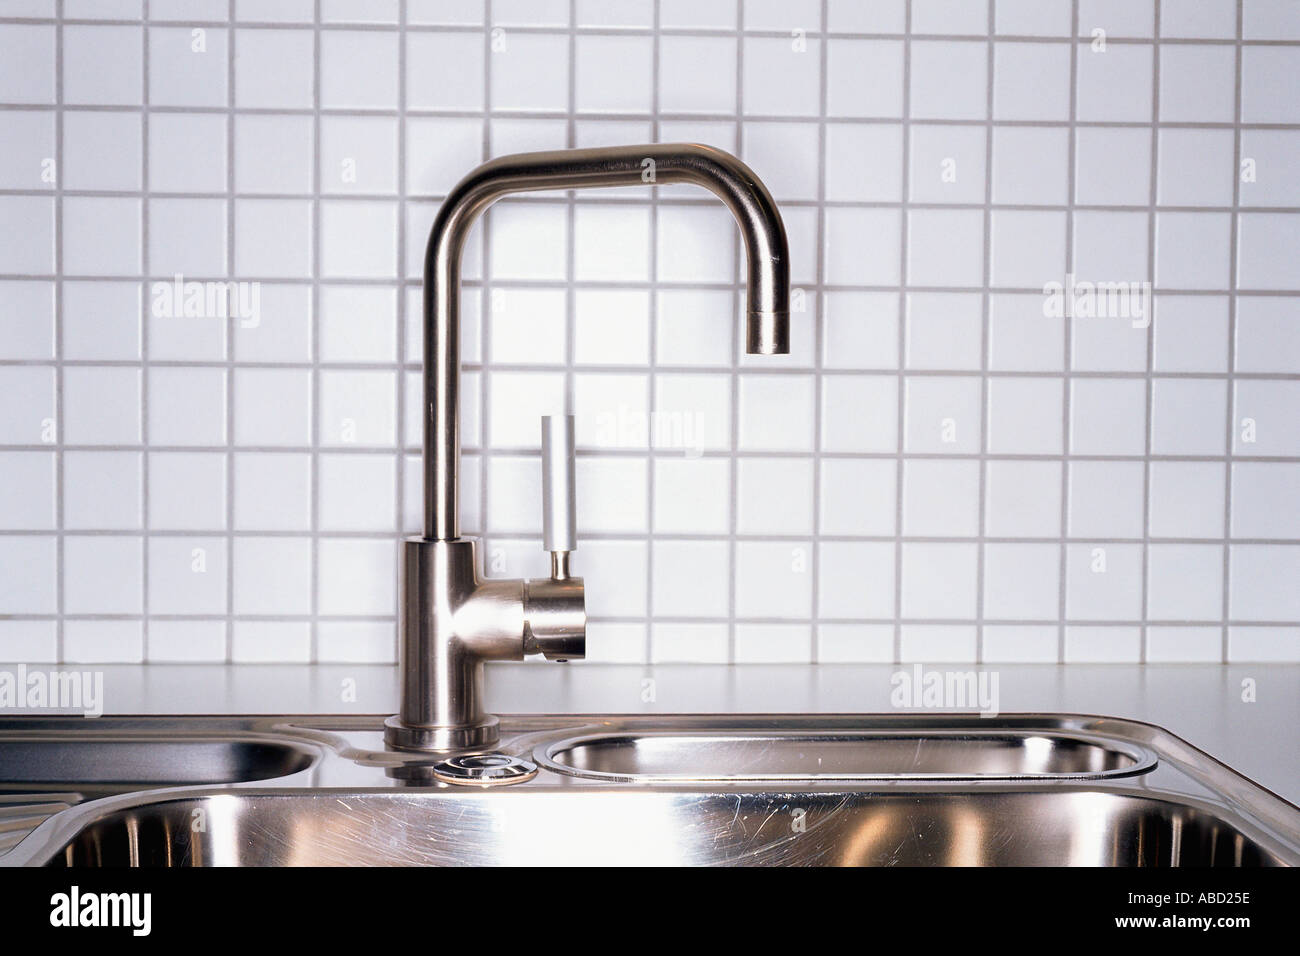 Metal kitchen sink - Stock Image